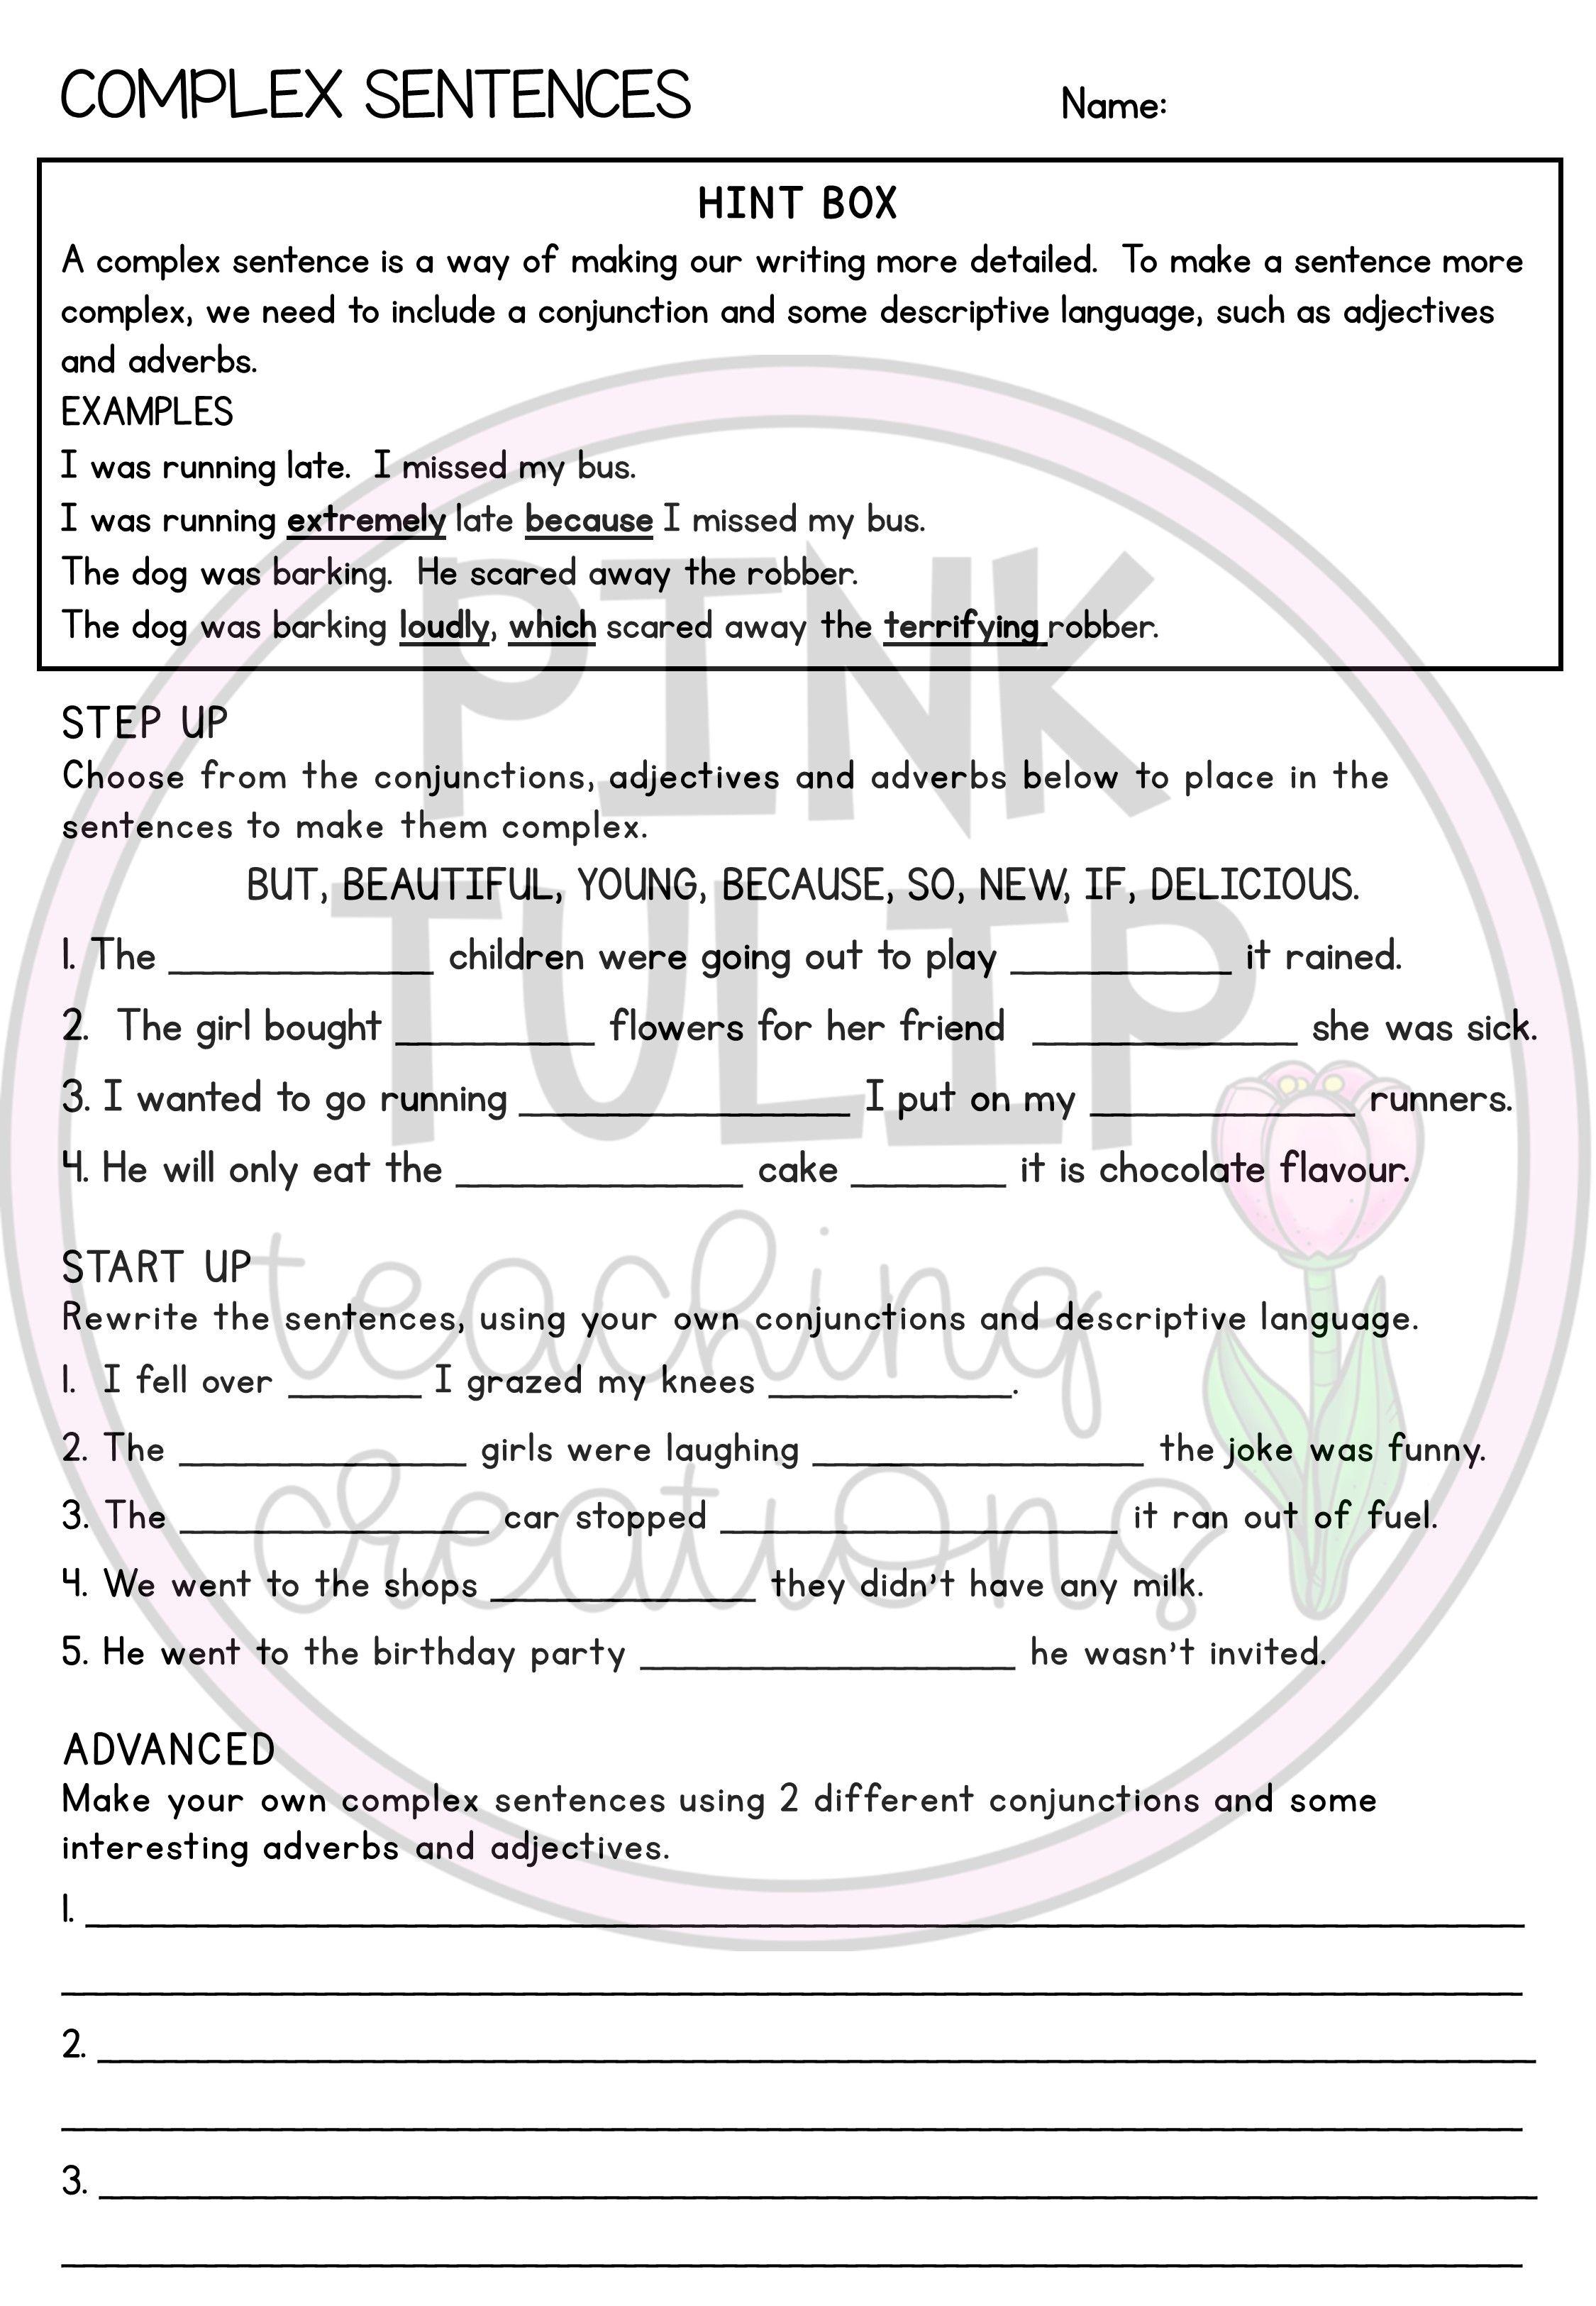 Grammar Worksheet Pack Complex Sentences Grammar Worksheets Complex Sentences Worksheets